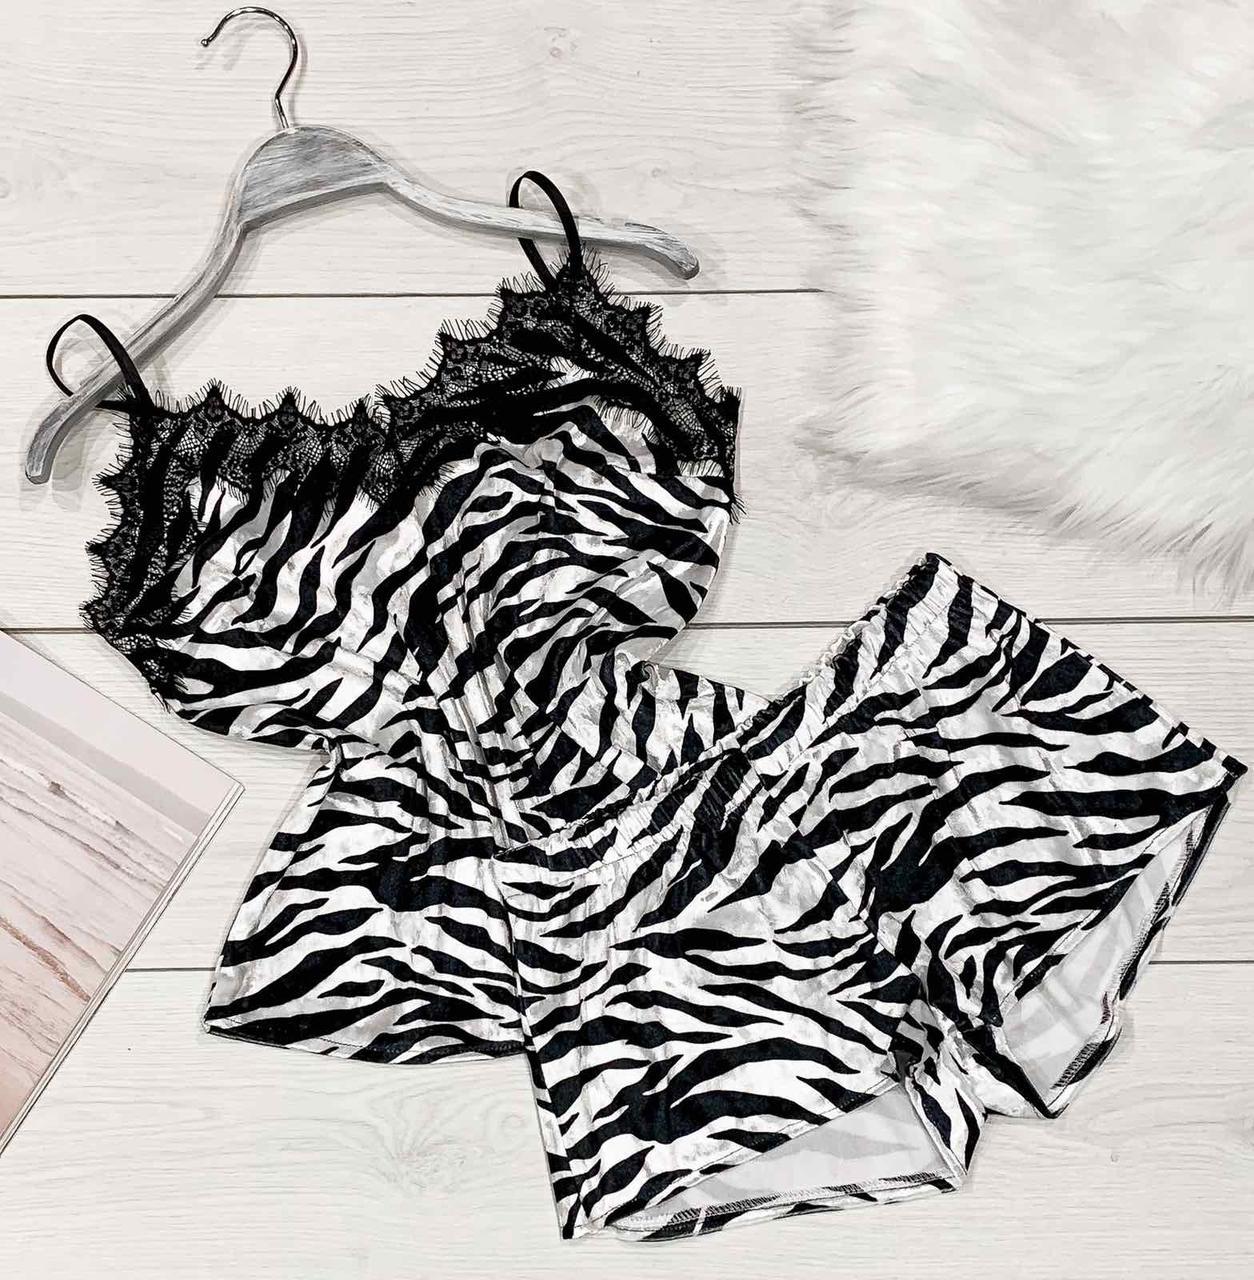 038_zebra.jpg